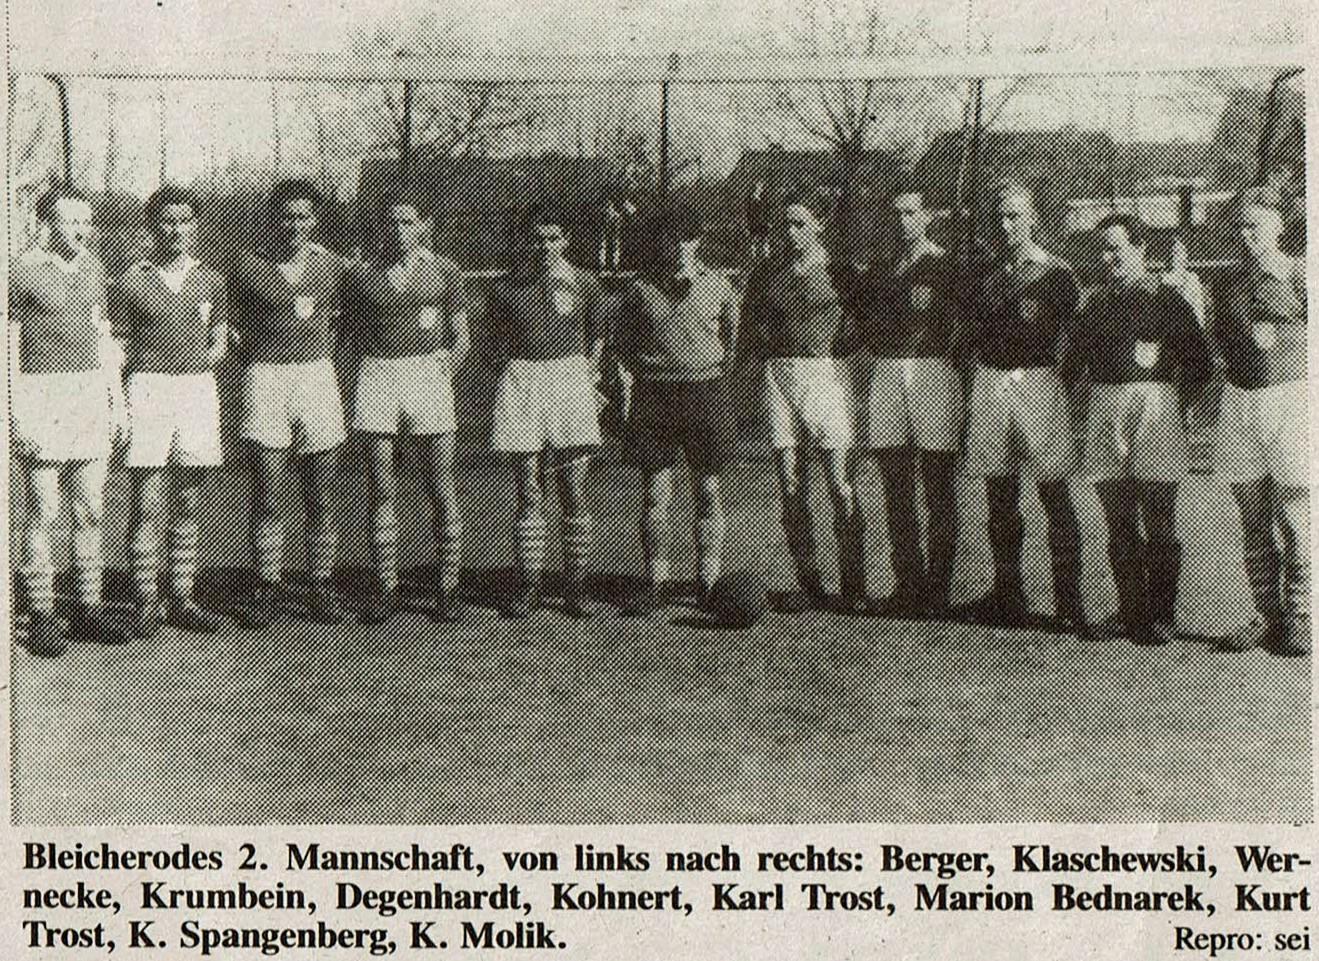 Bleicherode 2. Mannschaft 1948